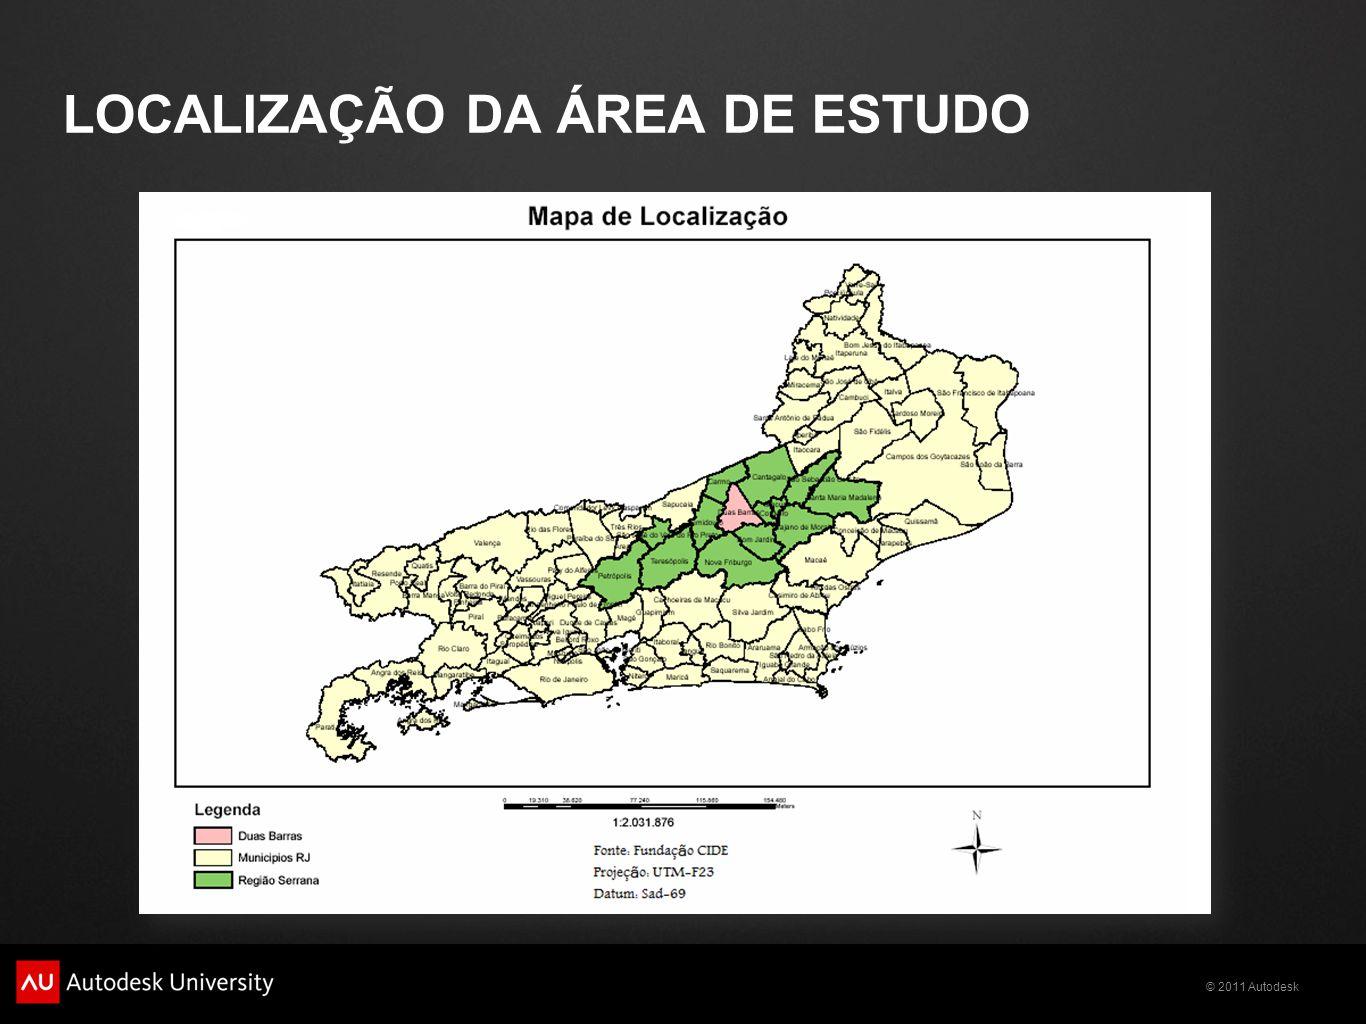 LOCALIZAÇÃO DA ÁREA DE ESTUDO